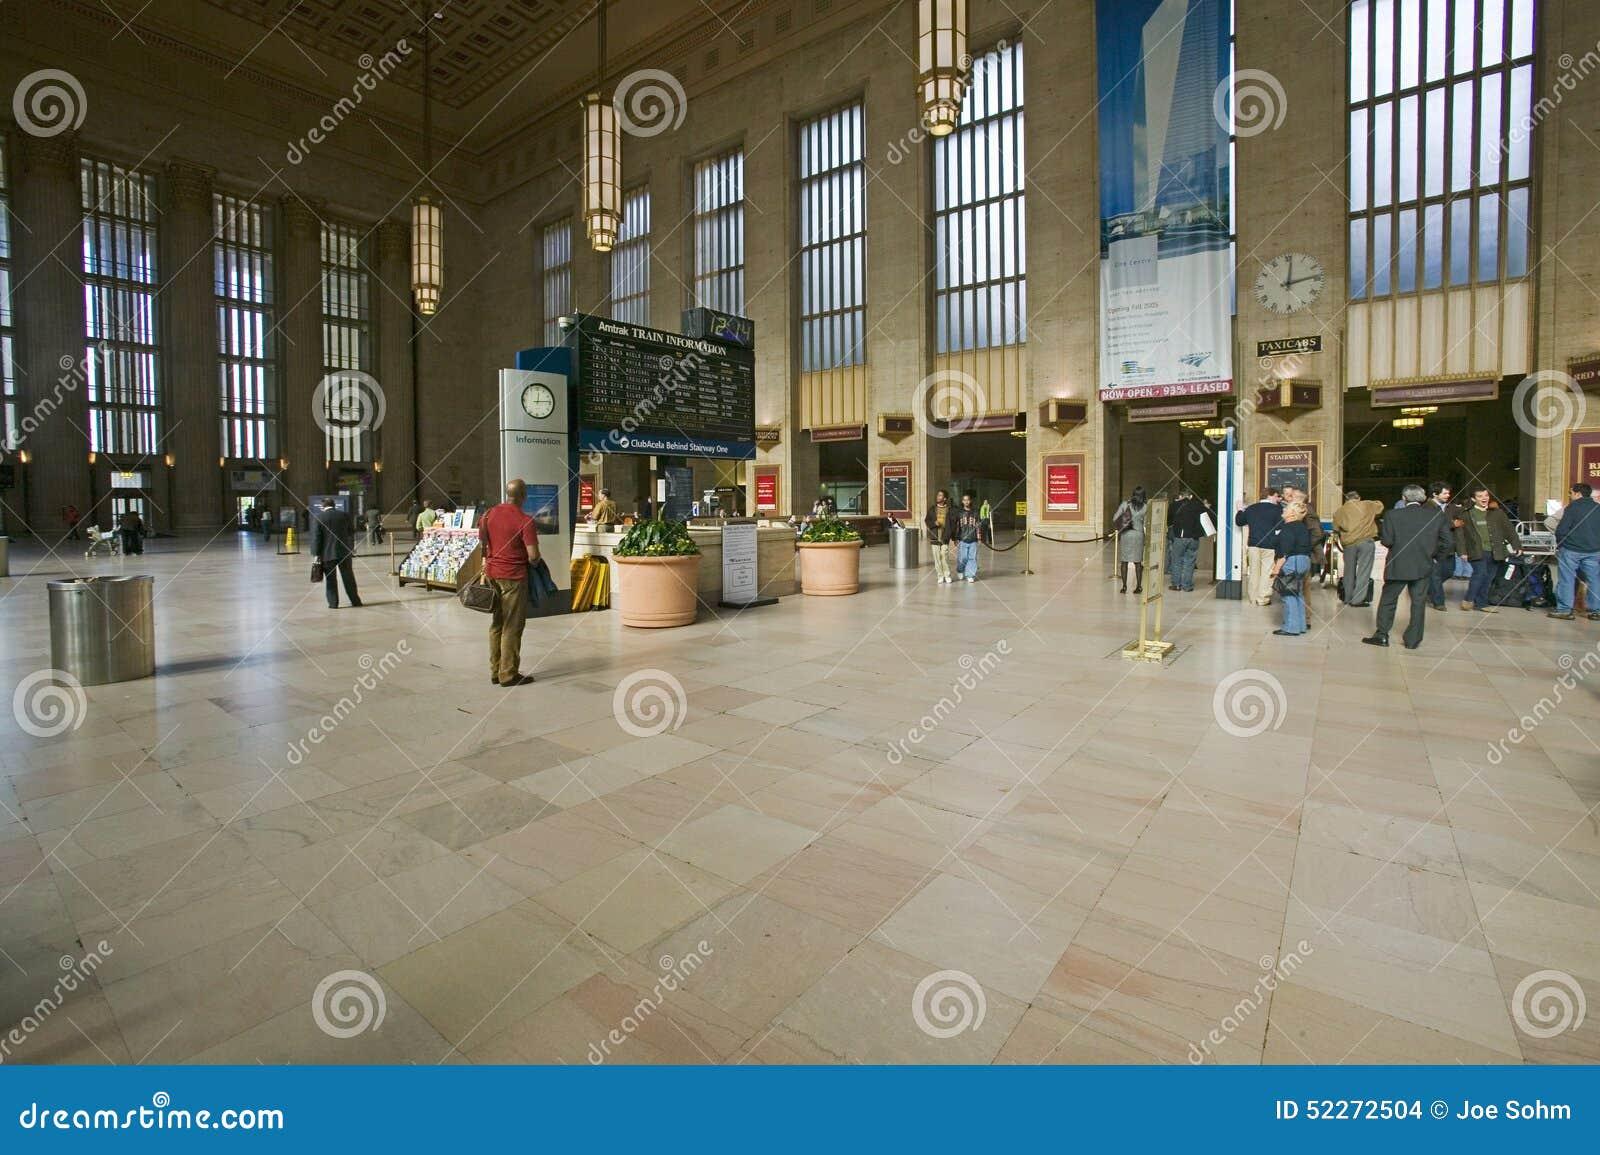 Binnenlandse mening van 30ste Straatpost, een nationaal Register van Historische Plaatsen, AMTRAK-Station in Philadelphia, PA